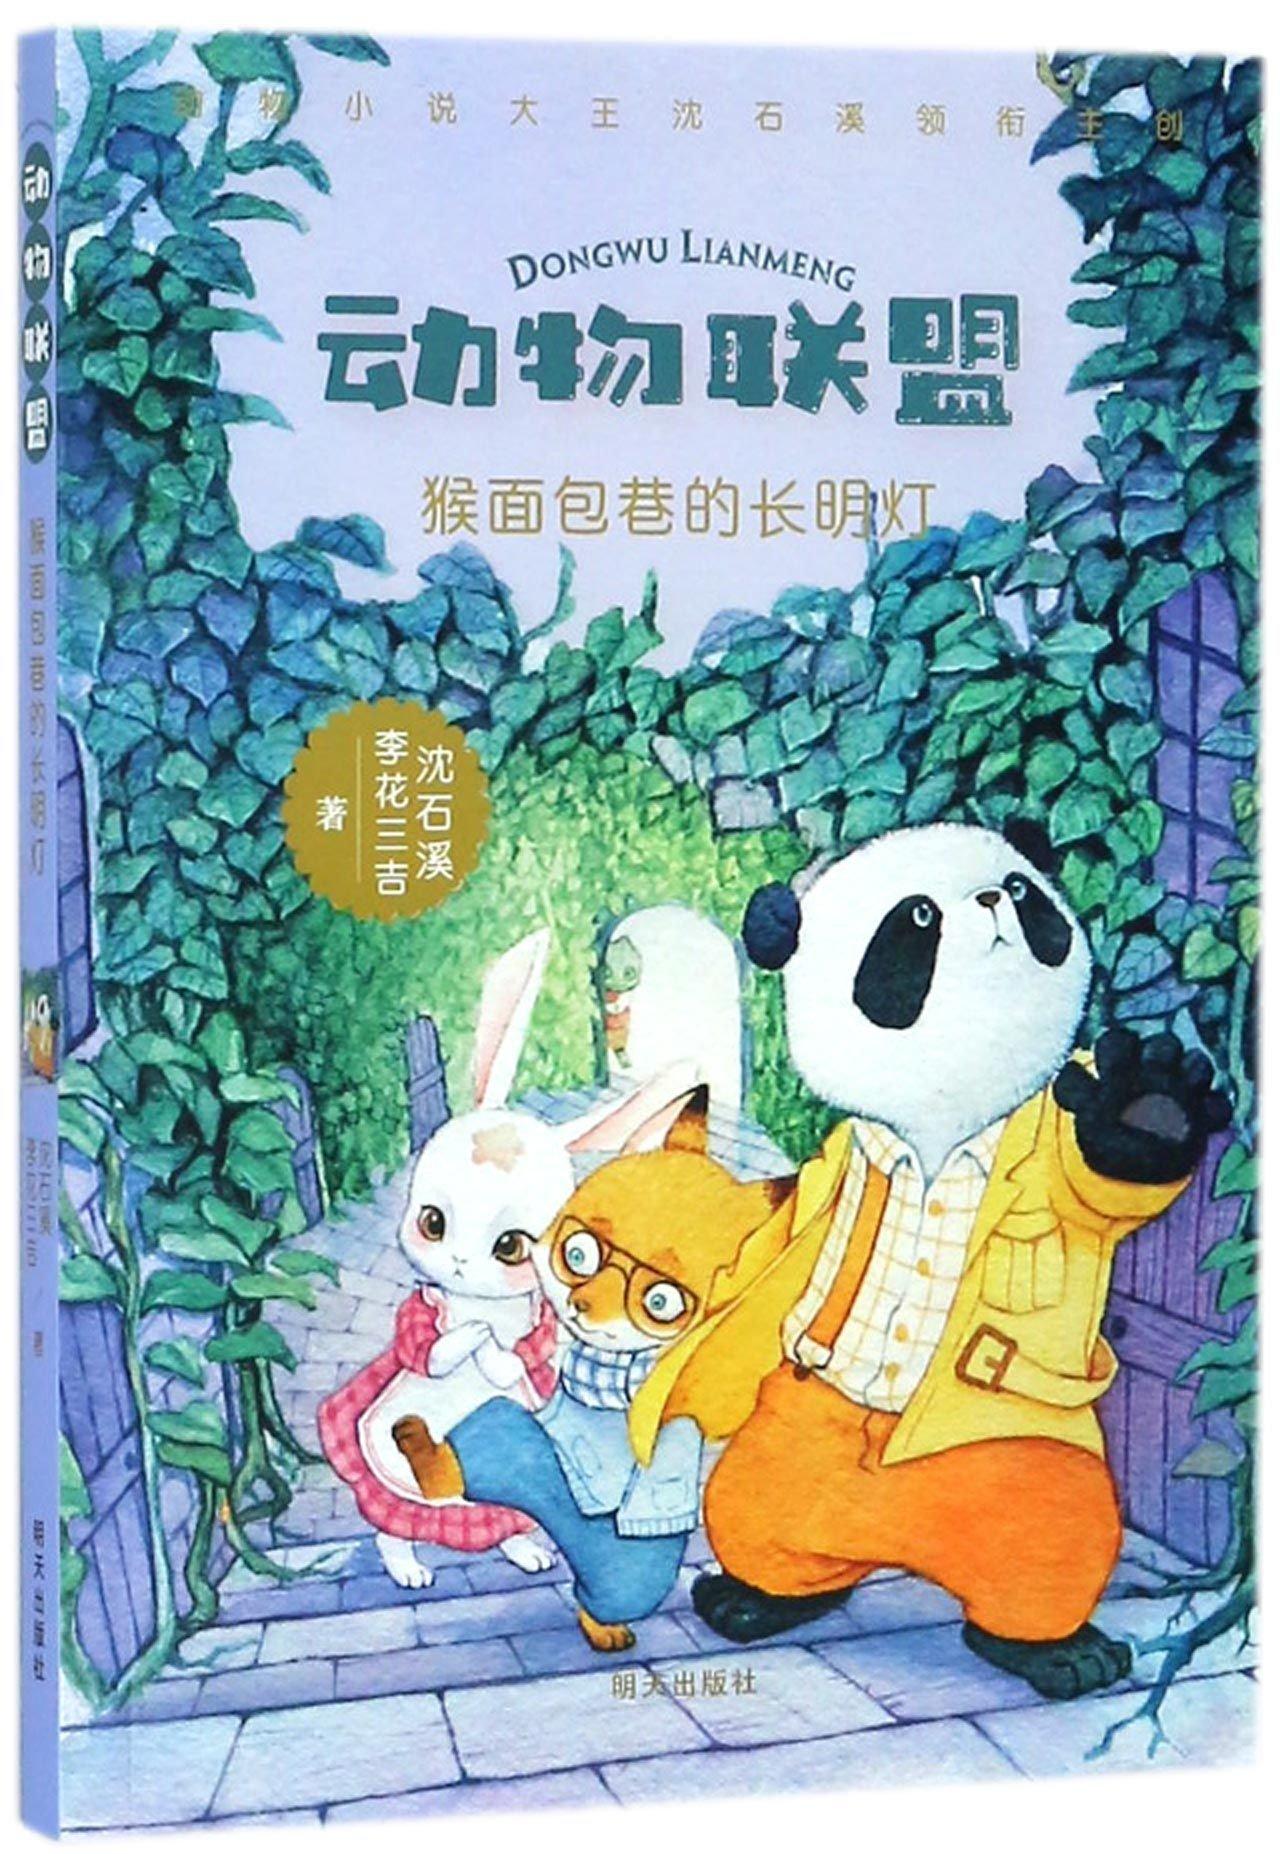 Download Baobab Lane's Ever-burning Lamp (Chinese Edition) ebook